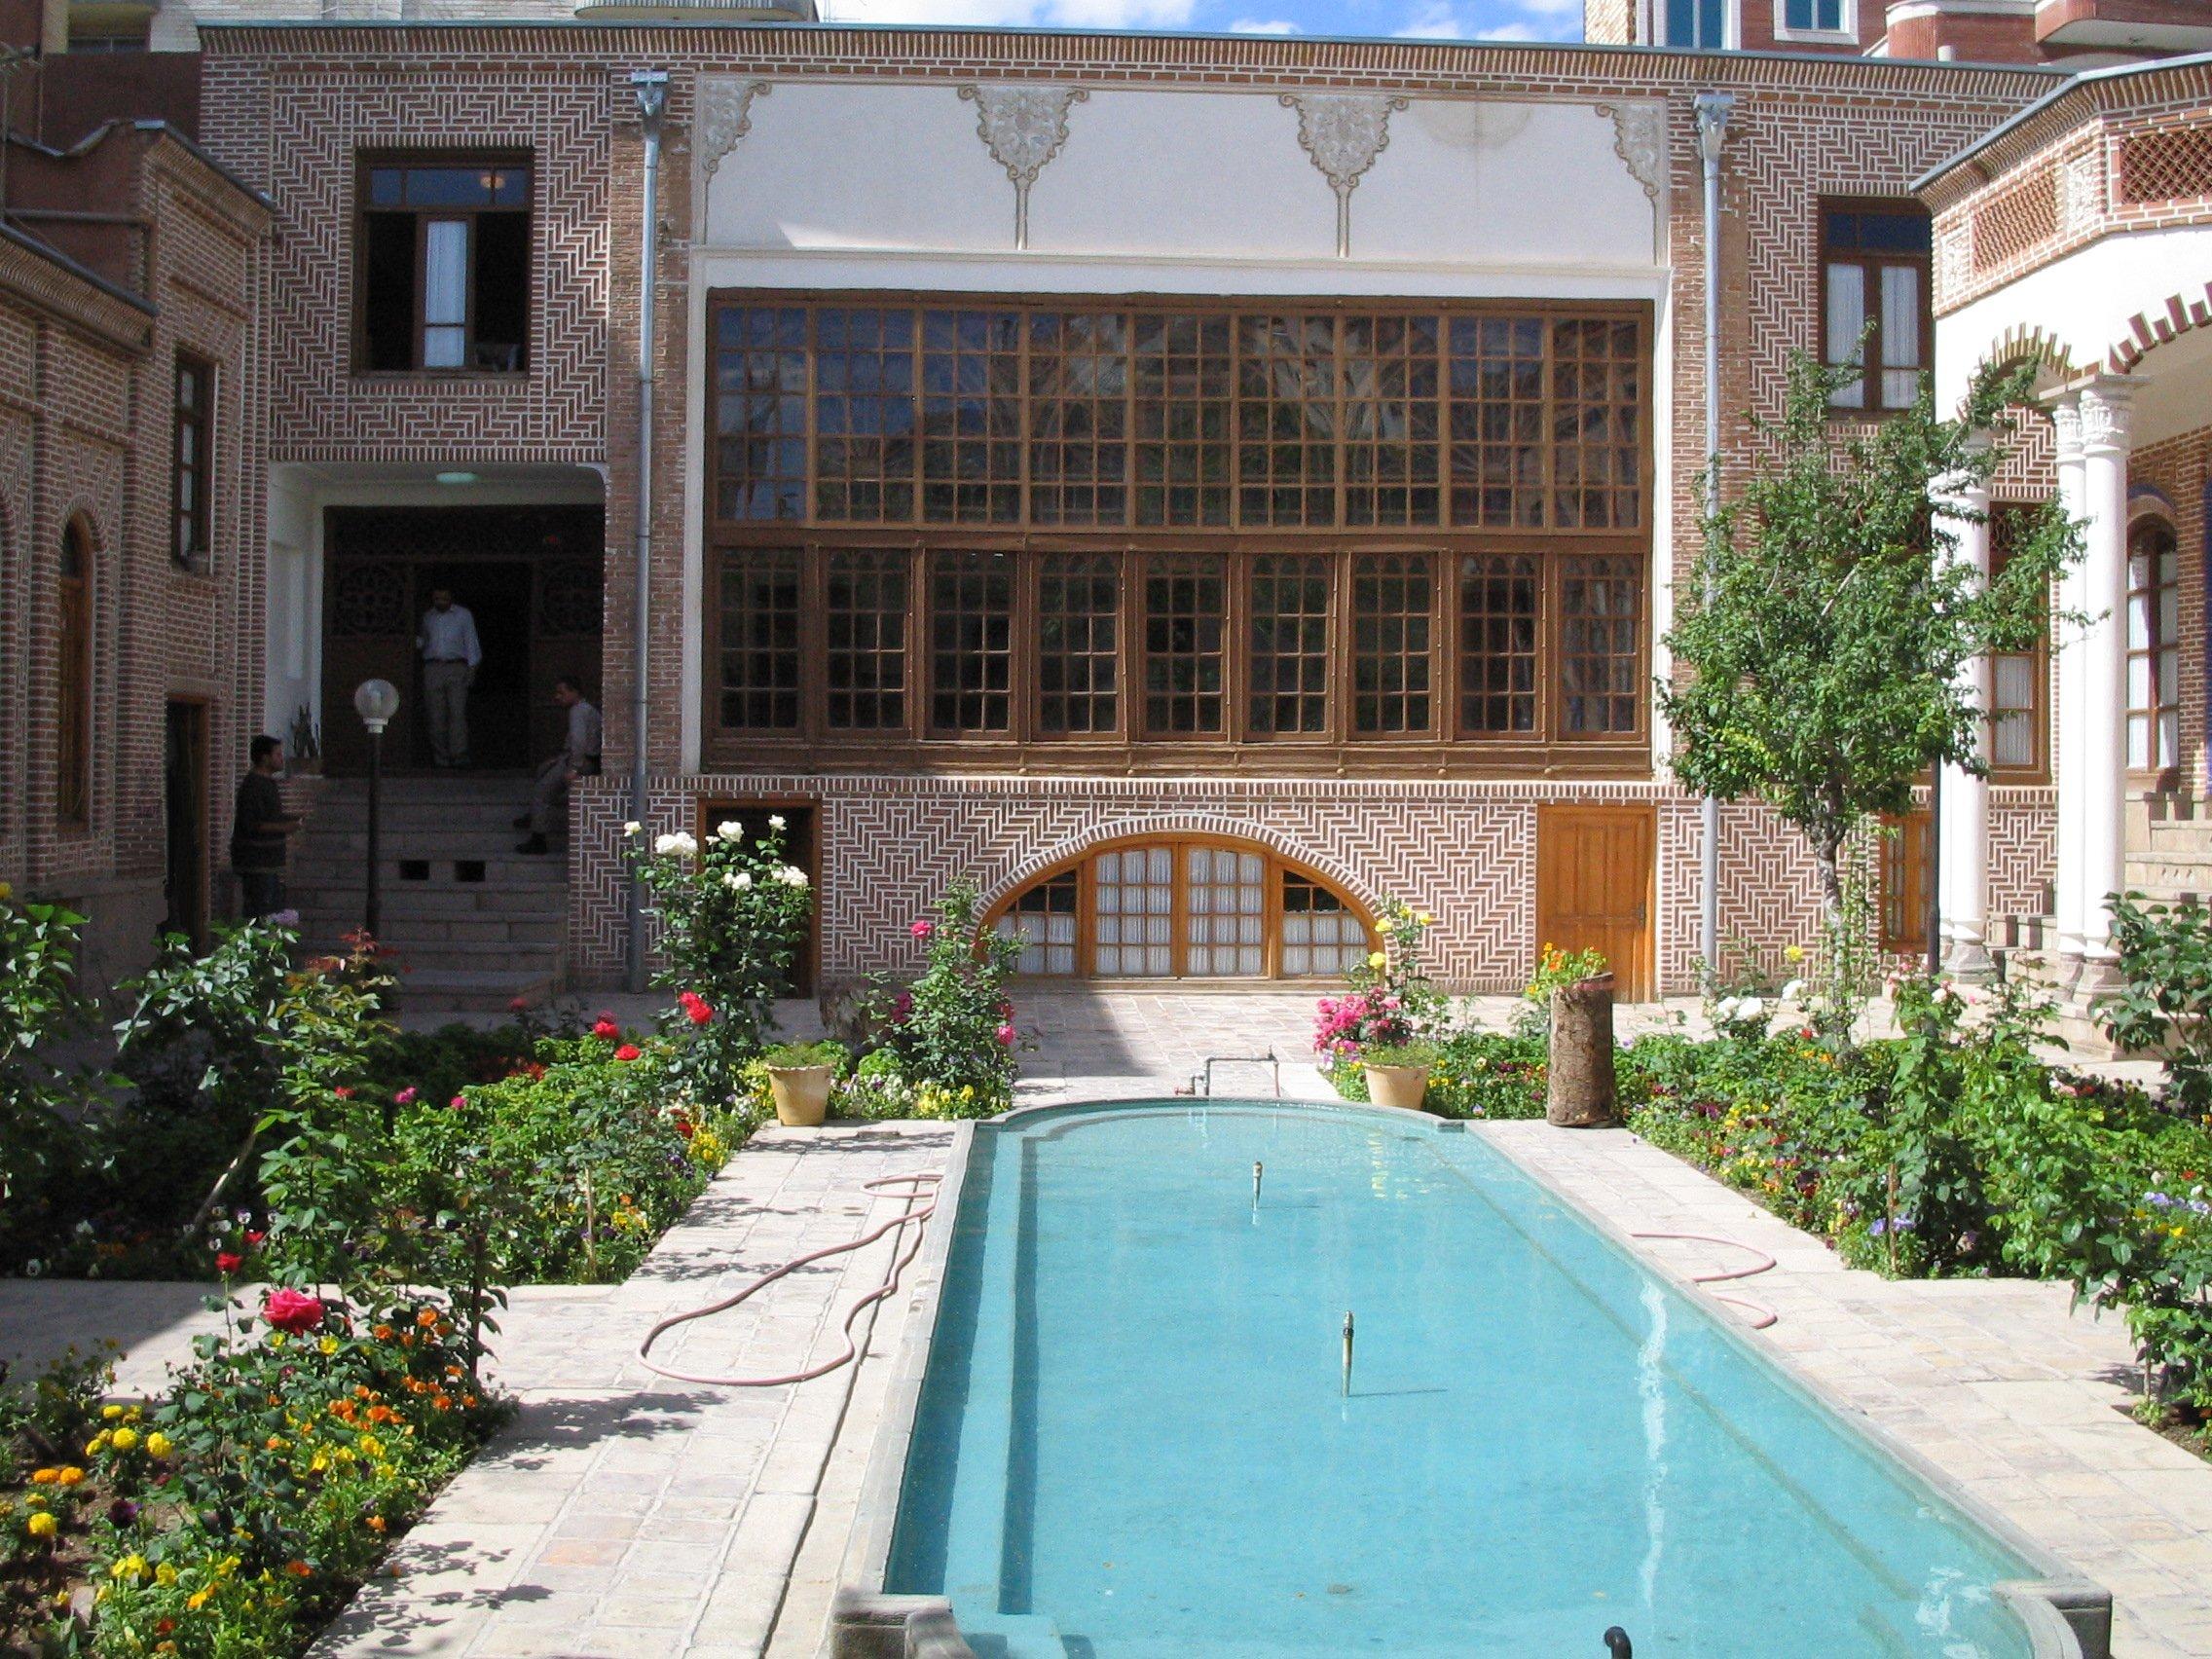 خانه سلماسی (موزه سنجش)